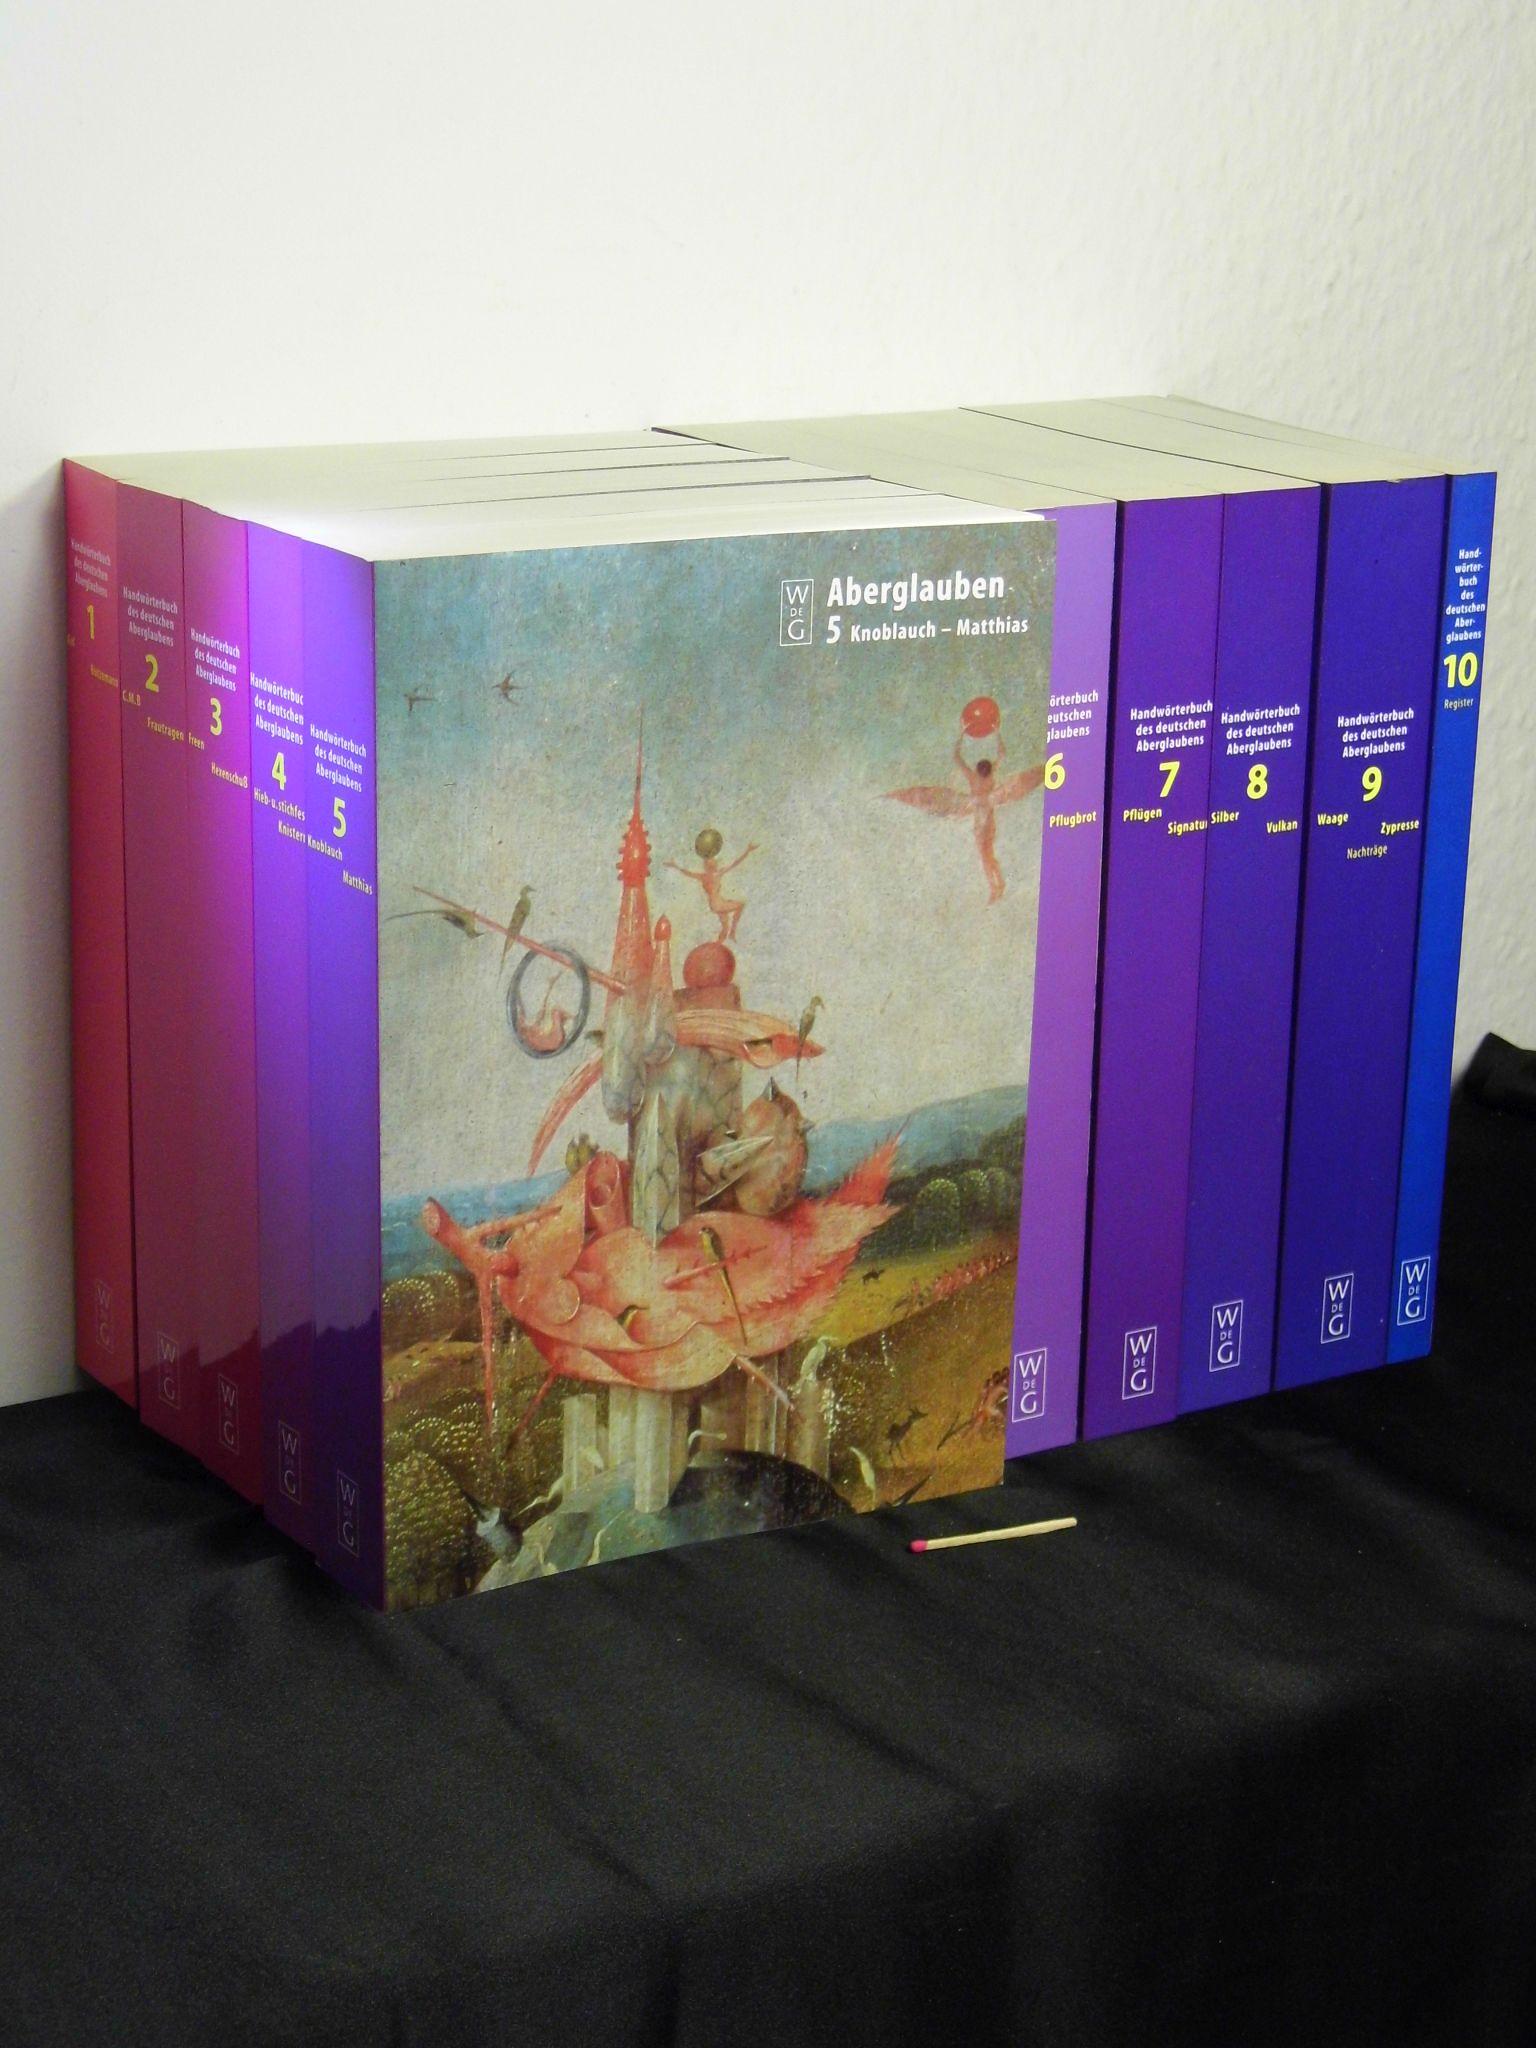 Handwörterbuch des deutschen Aberglaubens - Band 1-10: Bächtold-Stäubli, Hanns (Herausgeber)